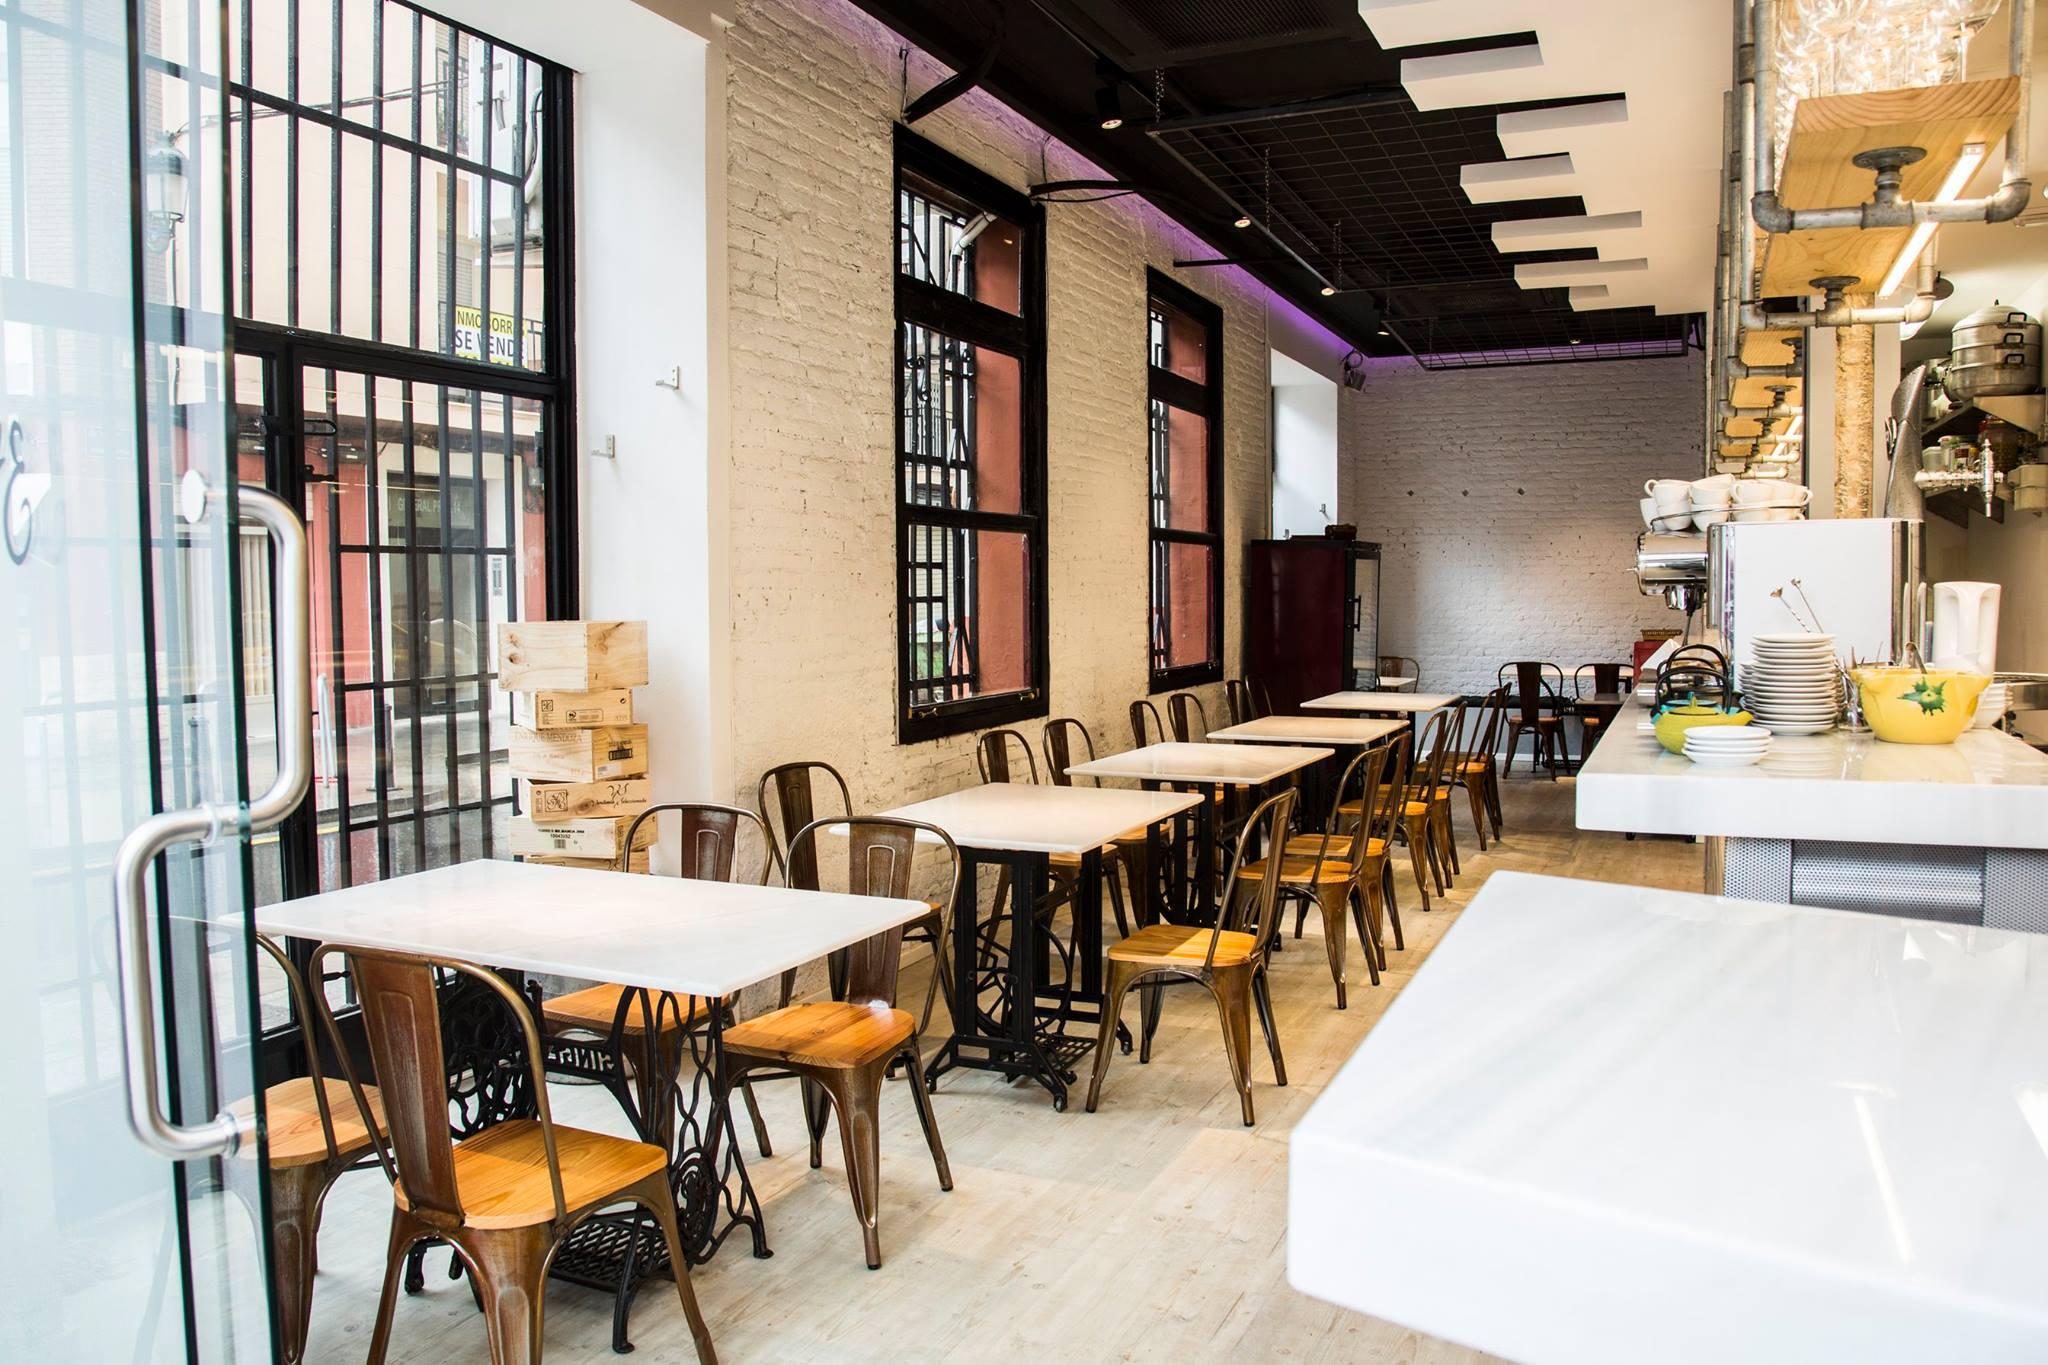 Restaurante 2 estaciones la novedad m s esperada for La comisaria restaurante valencia